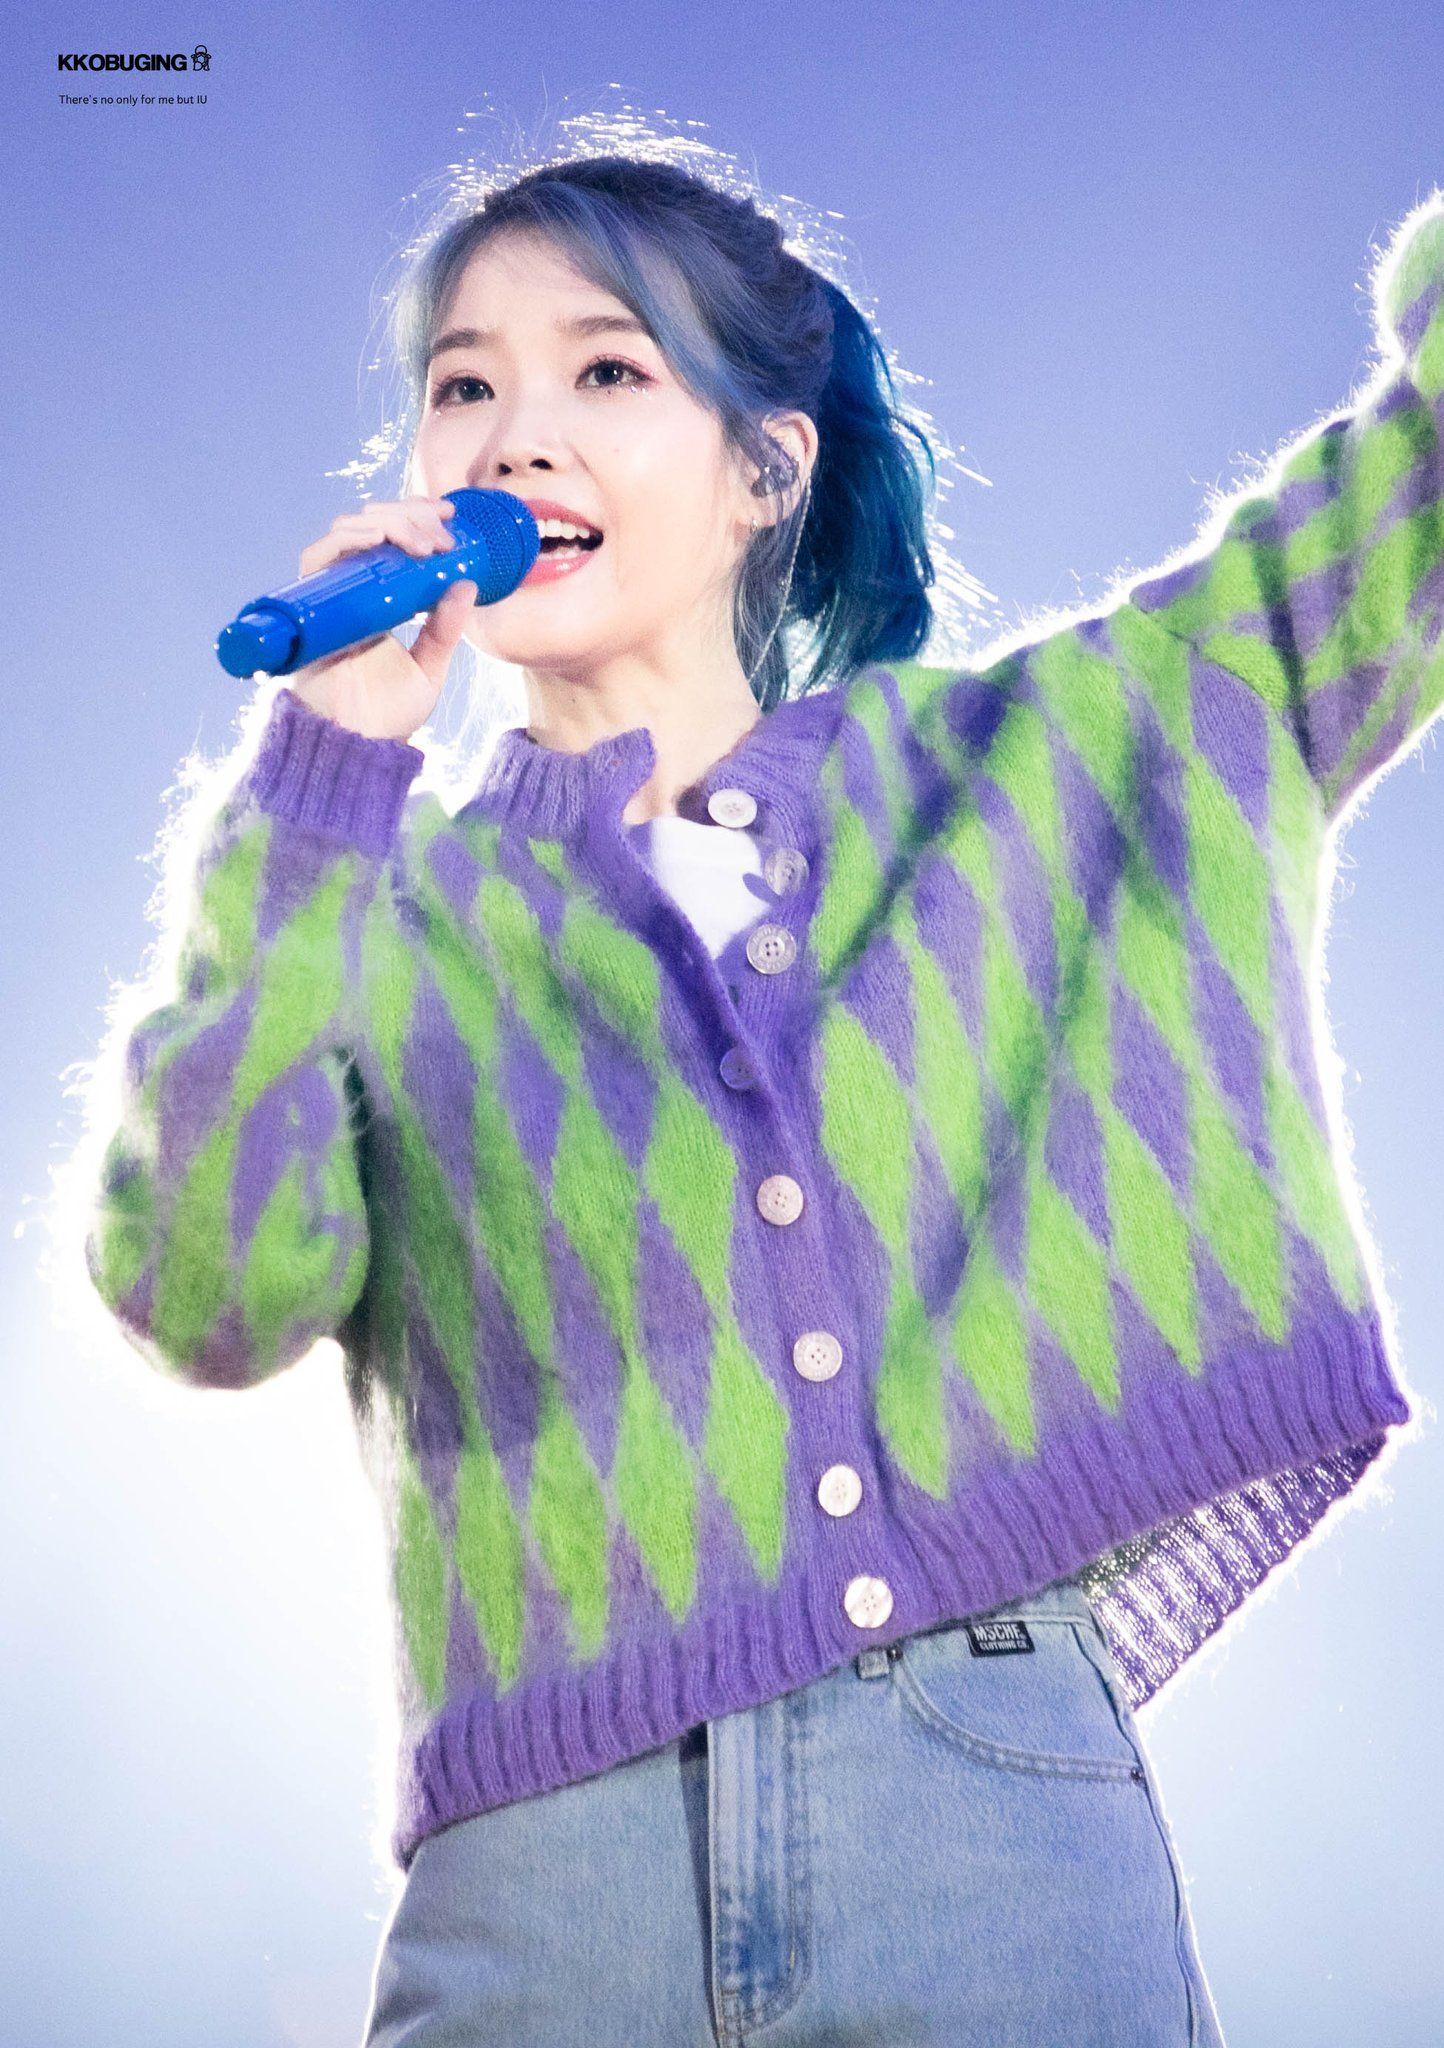 꼬북잉 On Twitter Korean Celebrities Kpop Girls Planet Fashion